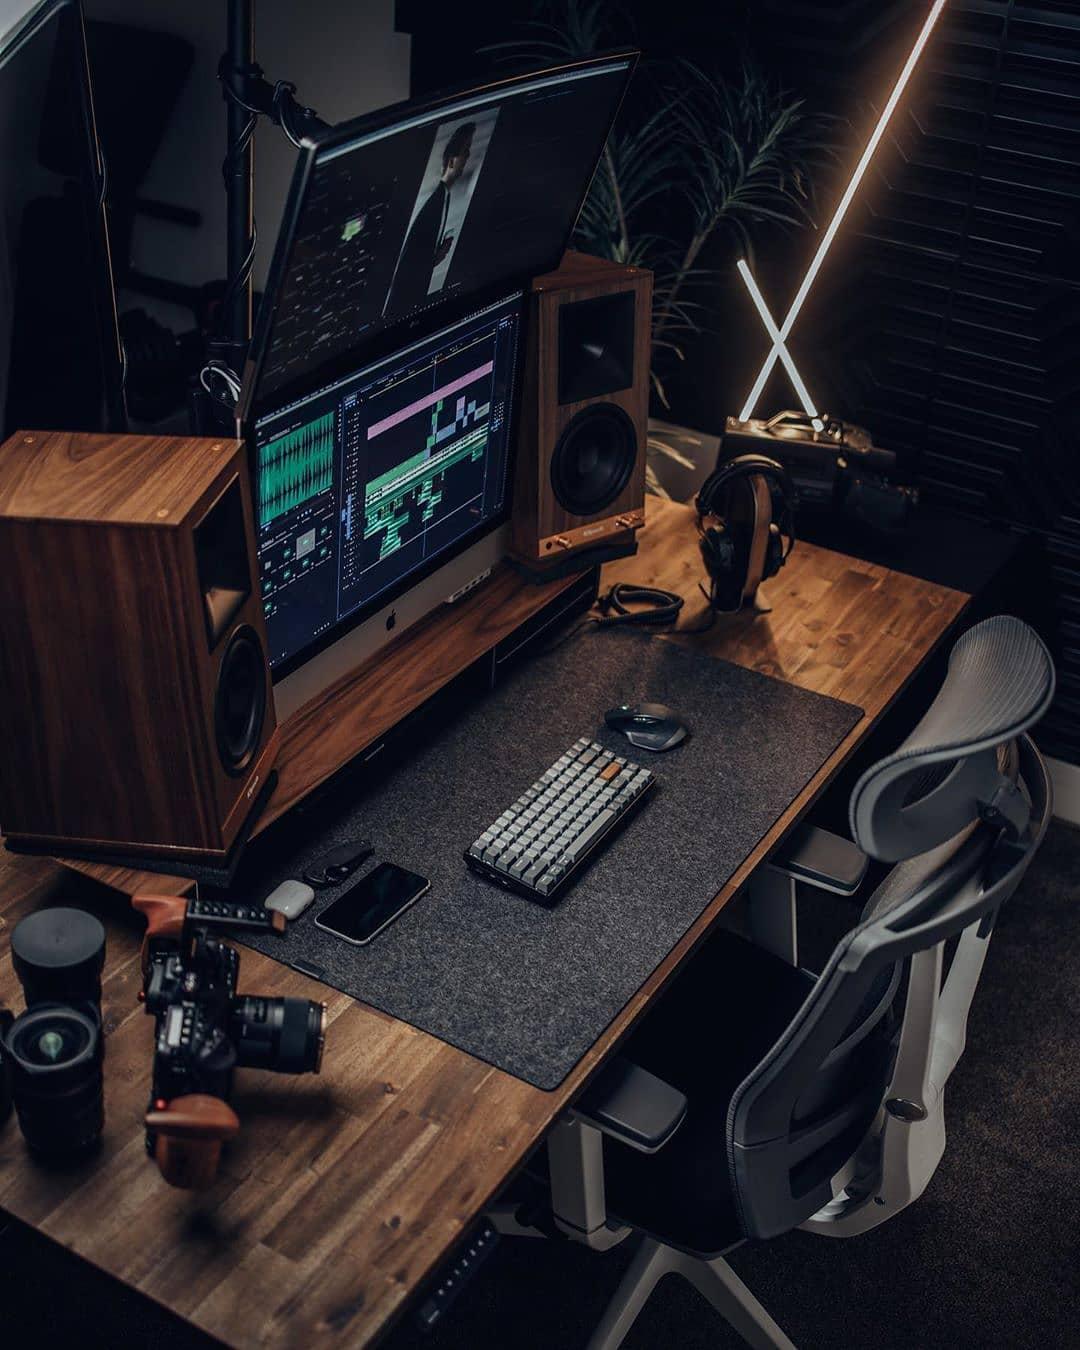 iMac Setup